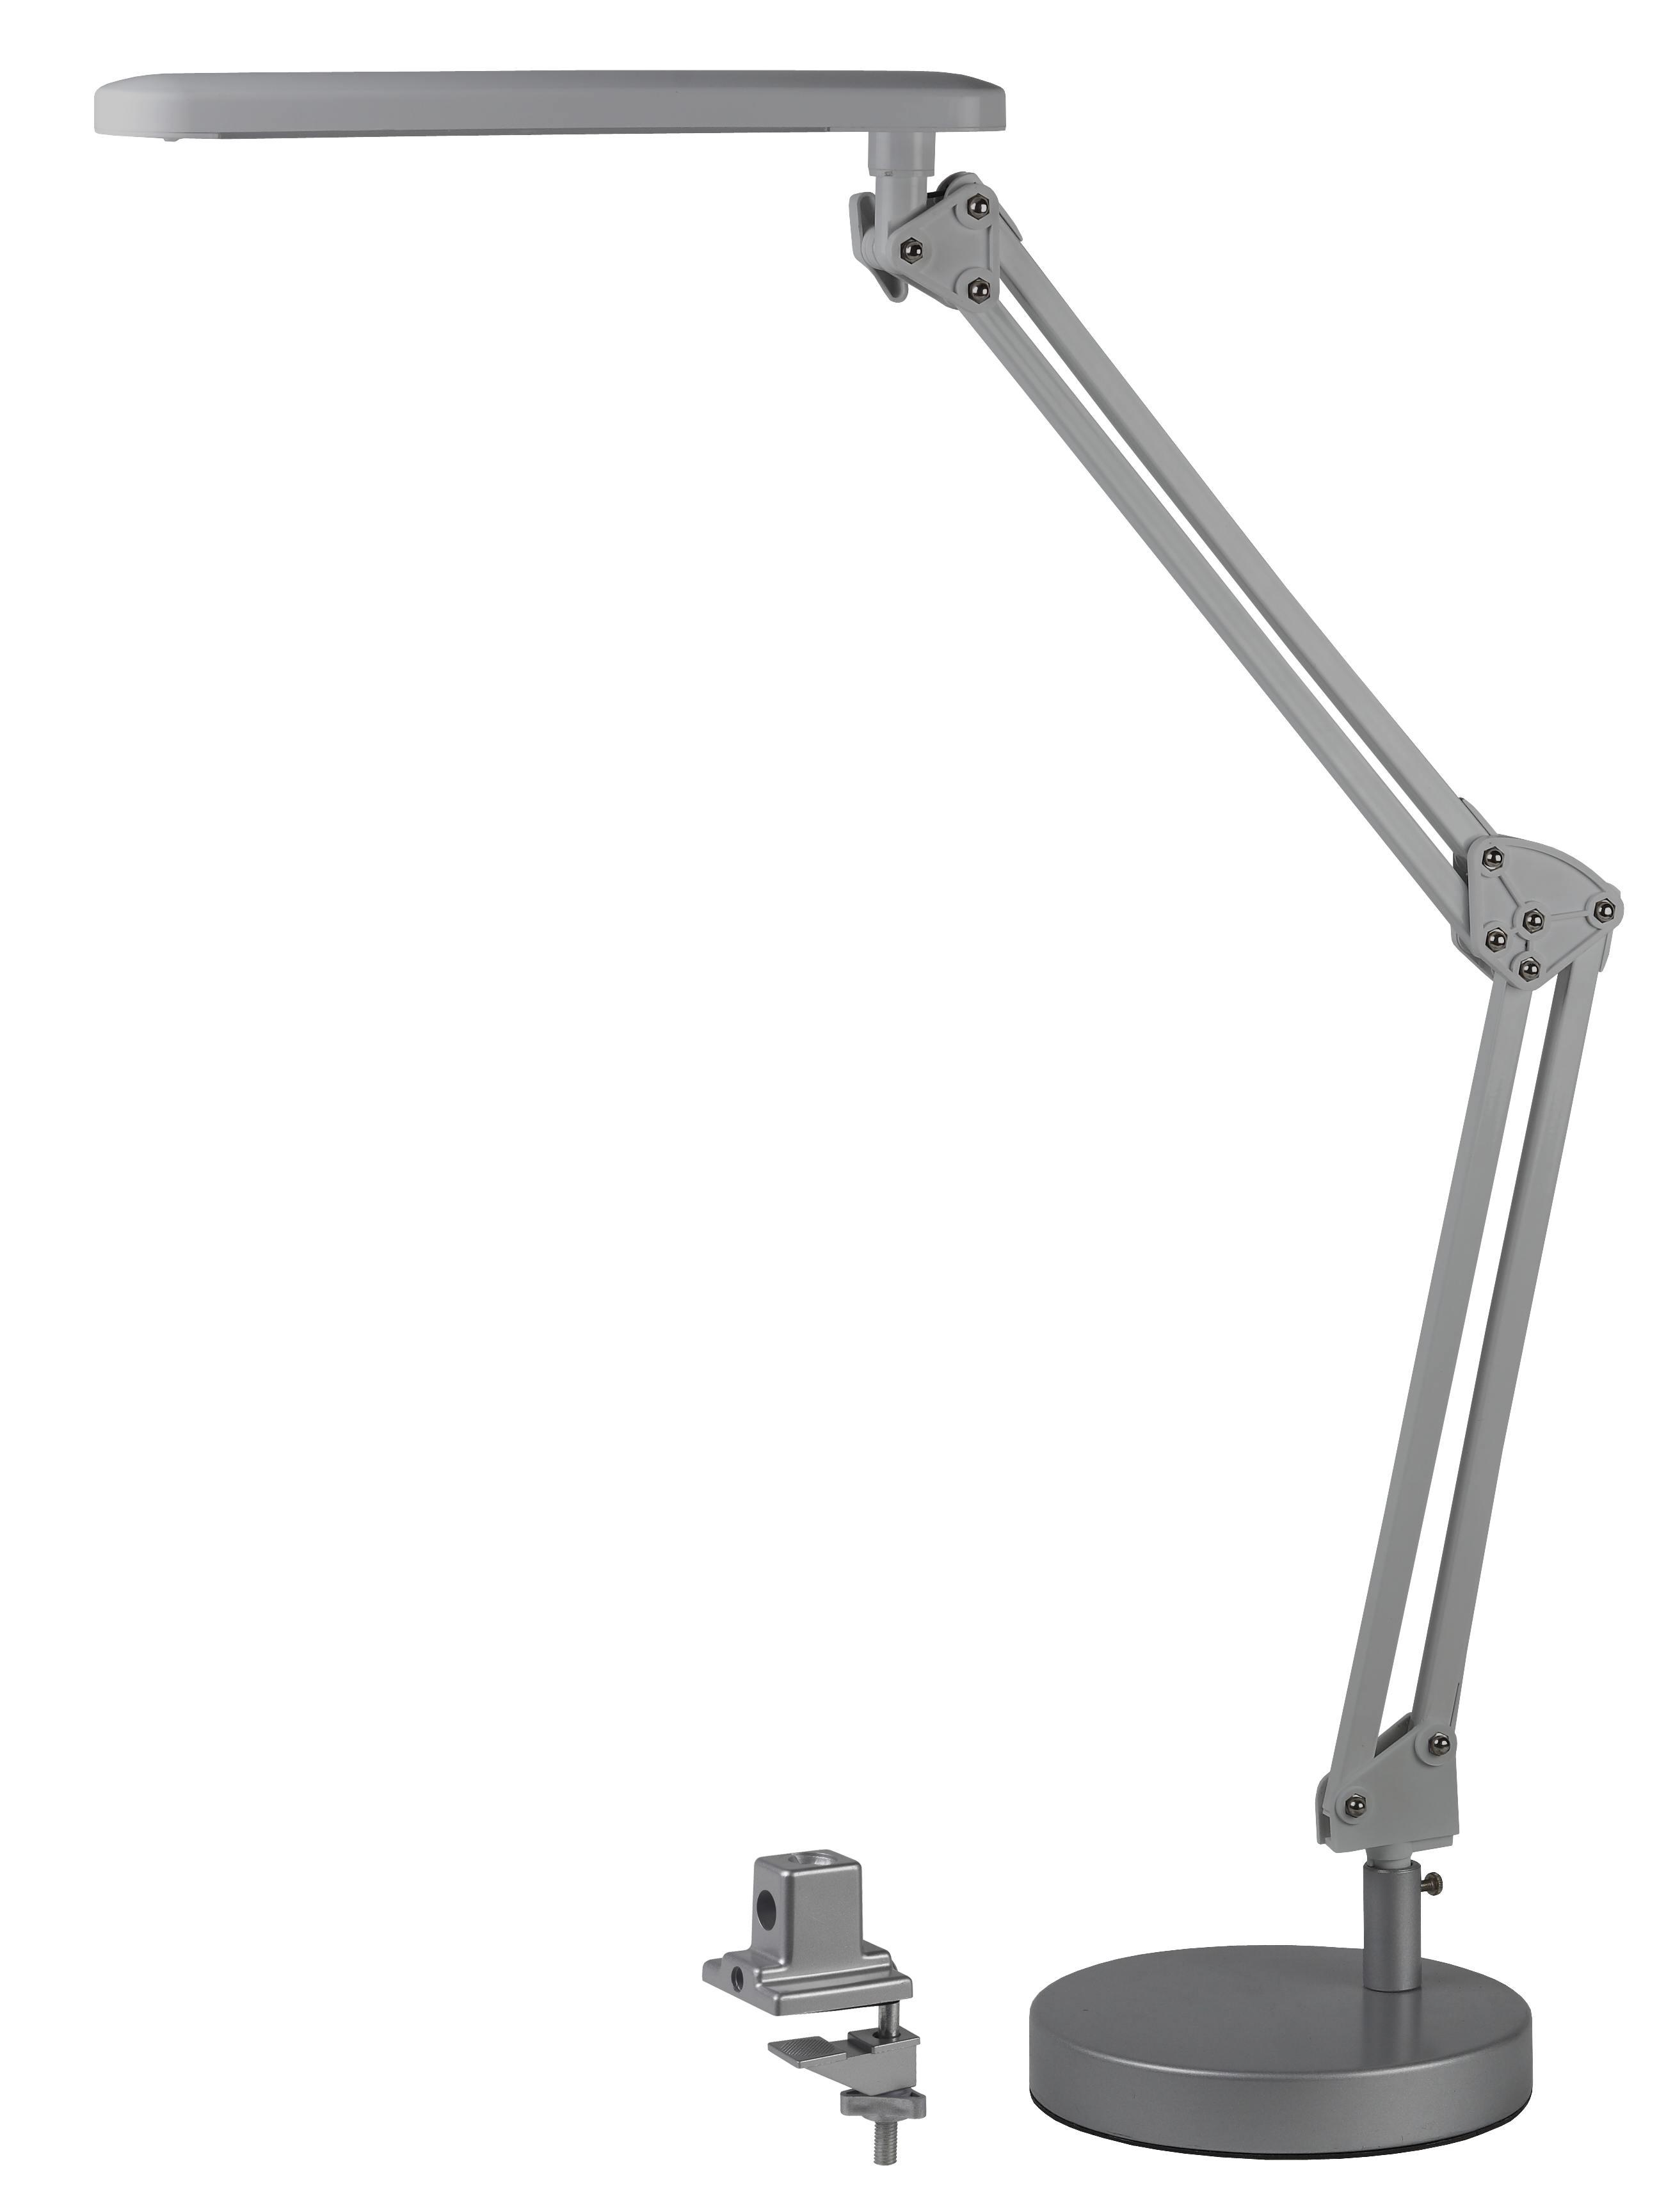 цены на Лампа настольная ЭРА Nled-440-7w-s  в интернет-магазинах